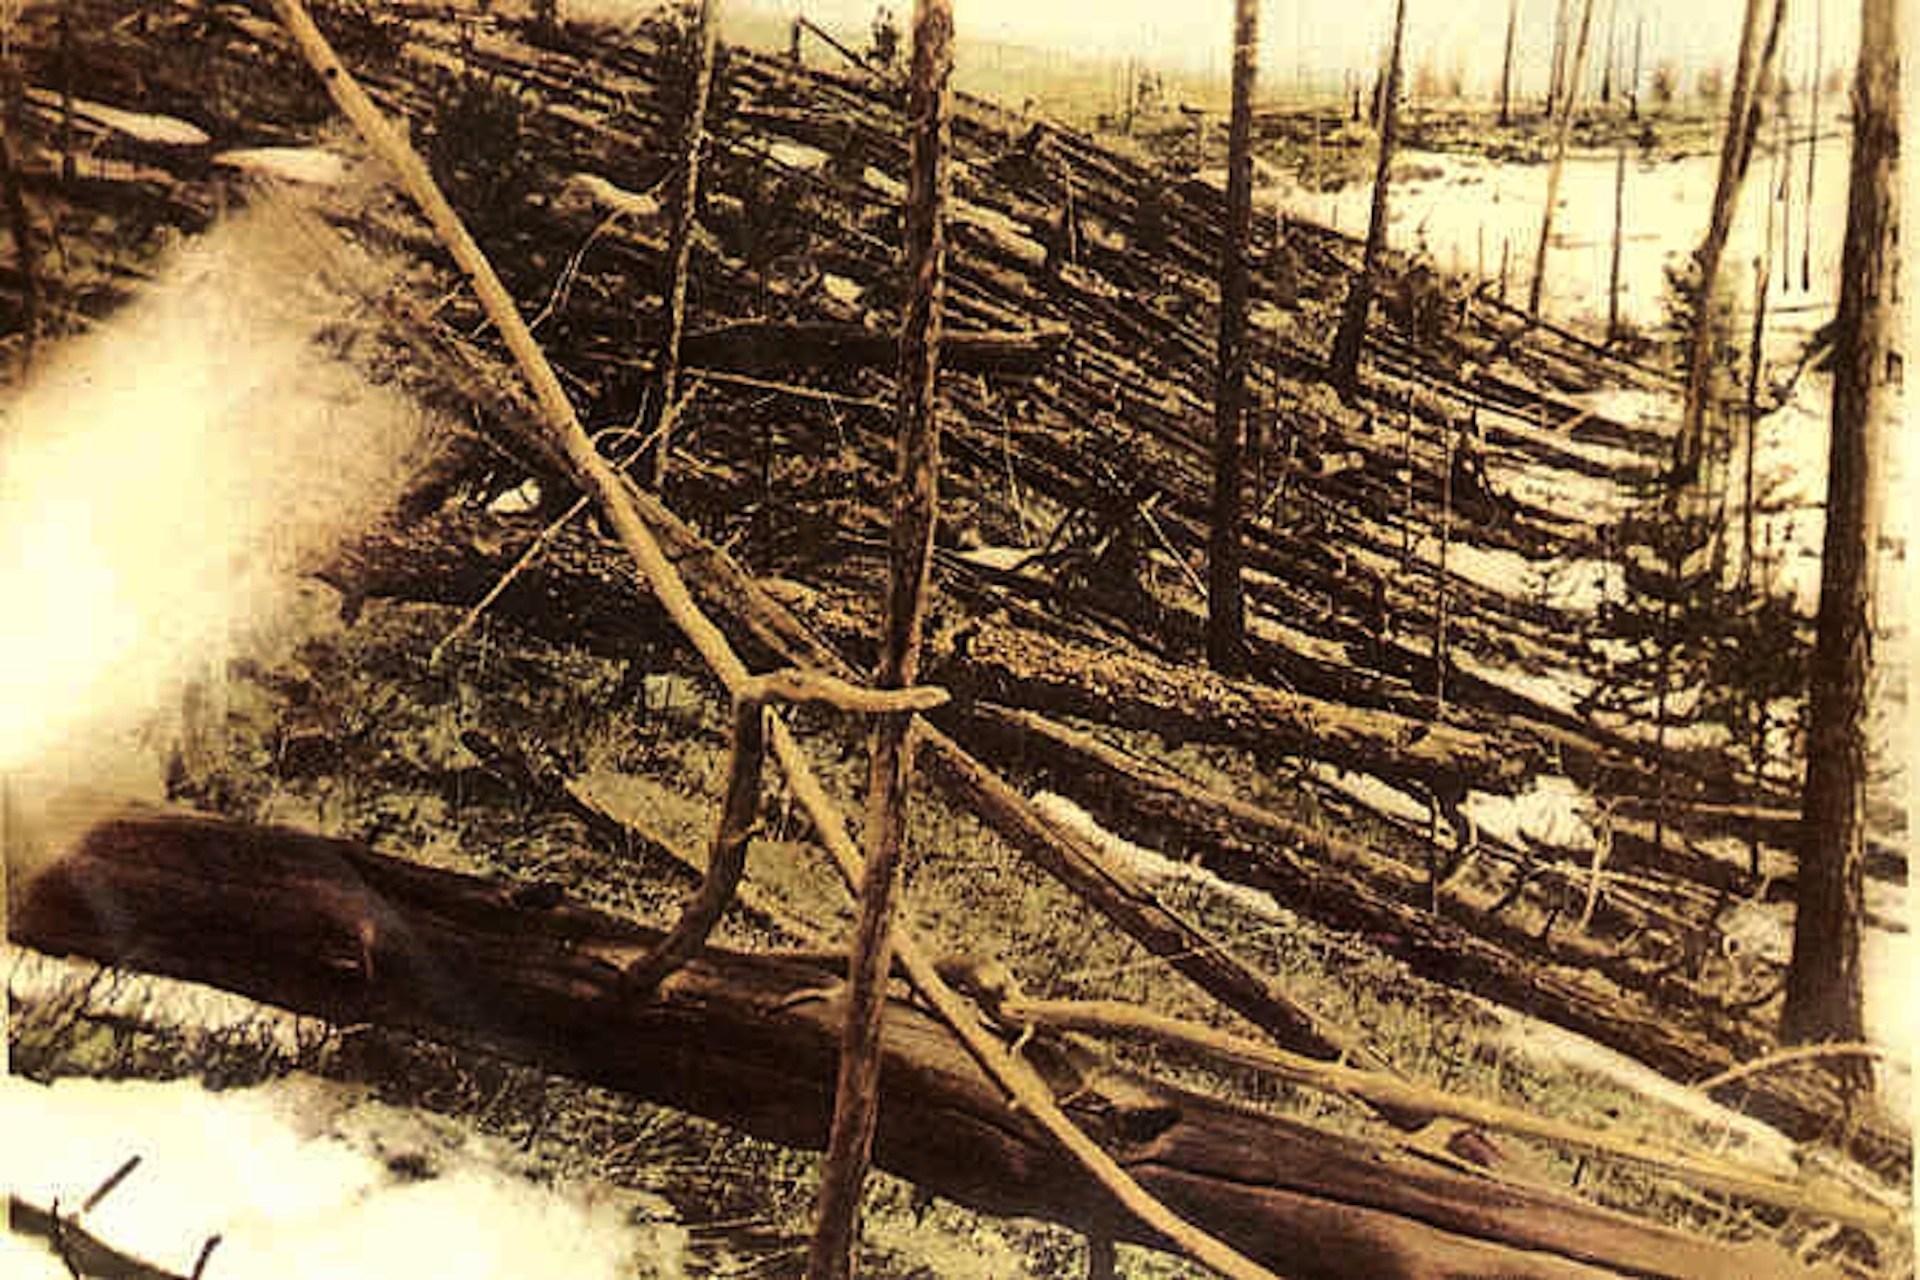 Trees knocked over by the Tunguska blast. - Image Credit: Leonid Kulik/wikimedia